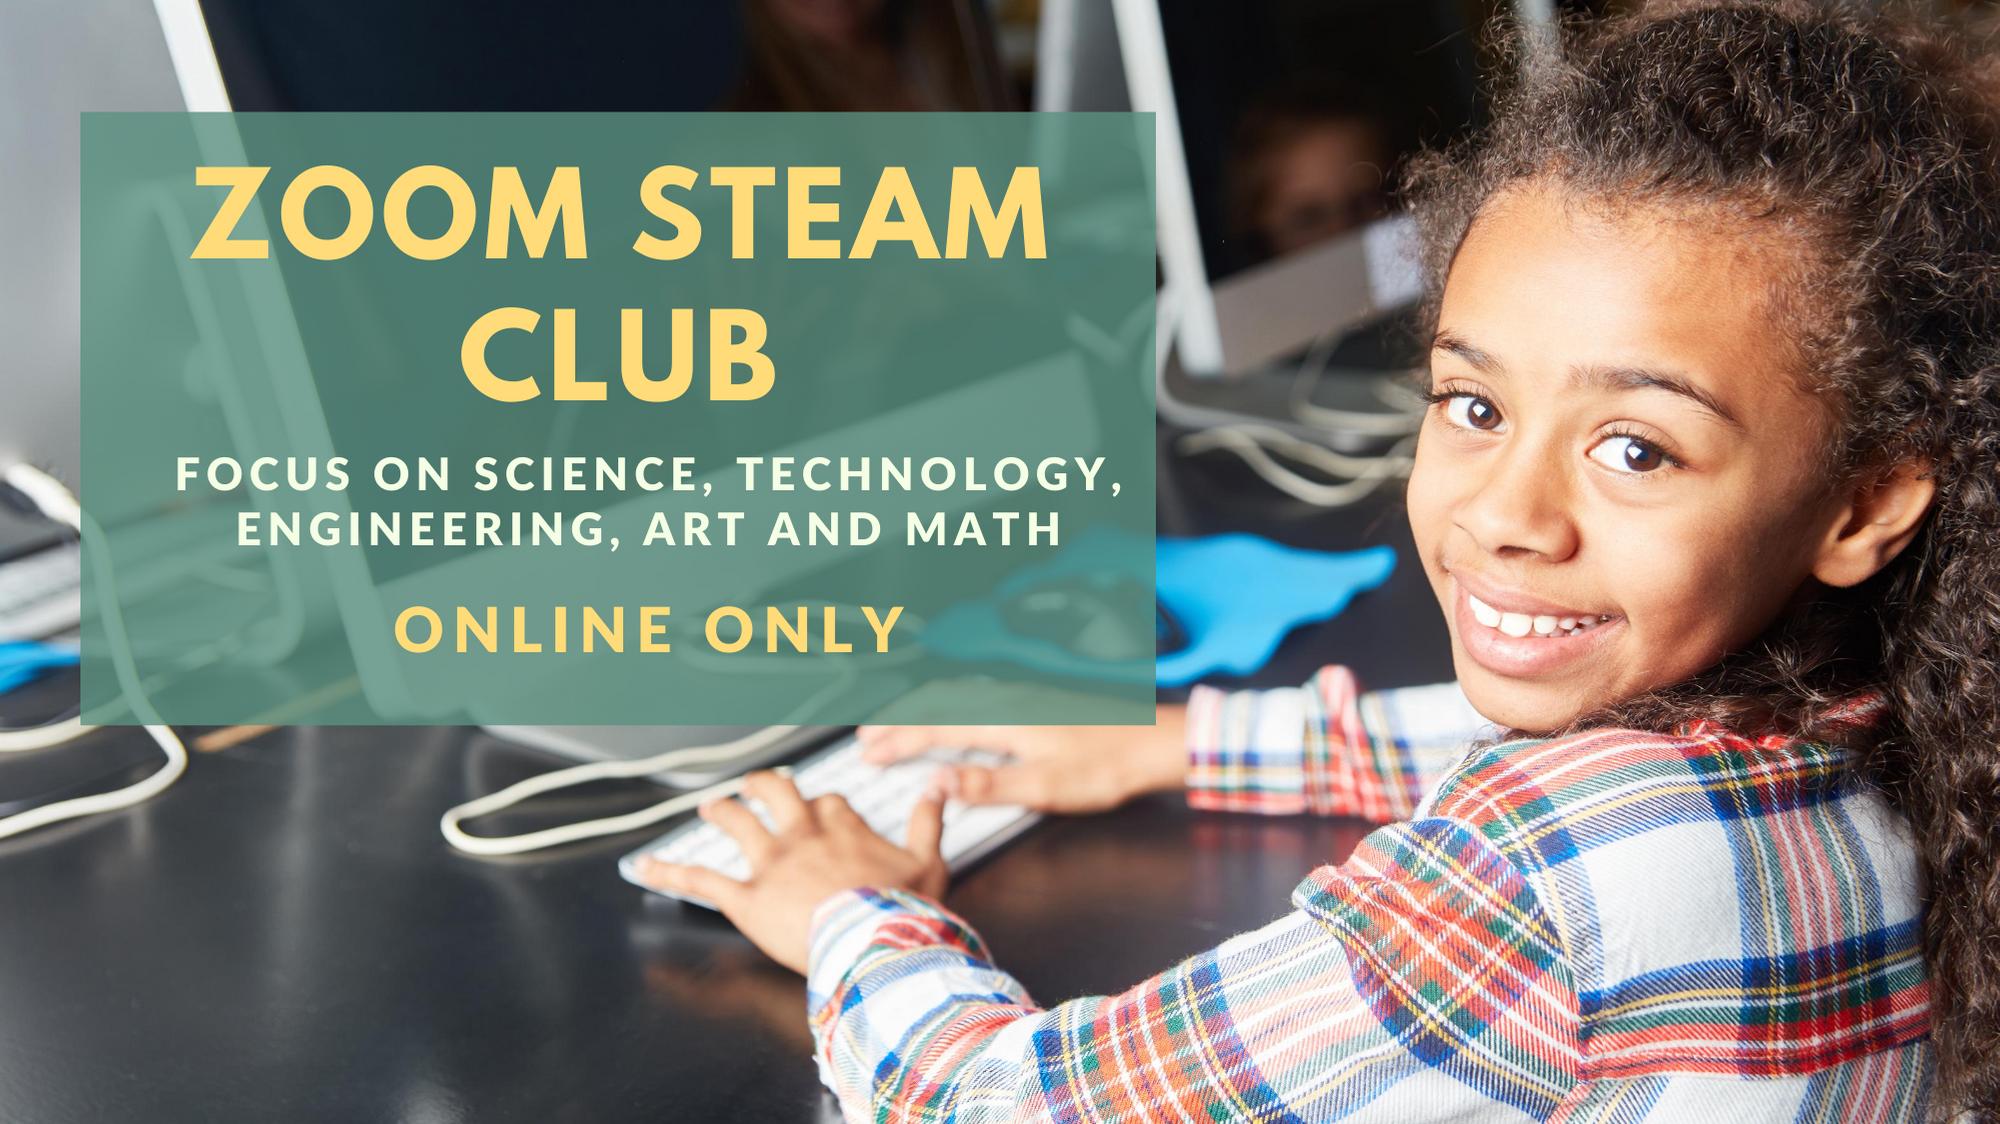 Zoom STEAM Club - Online!